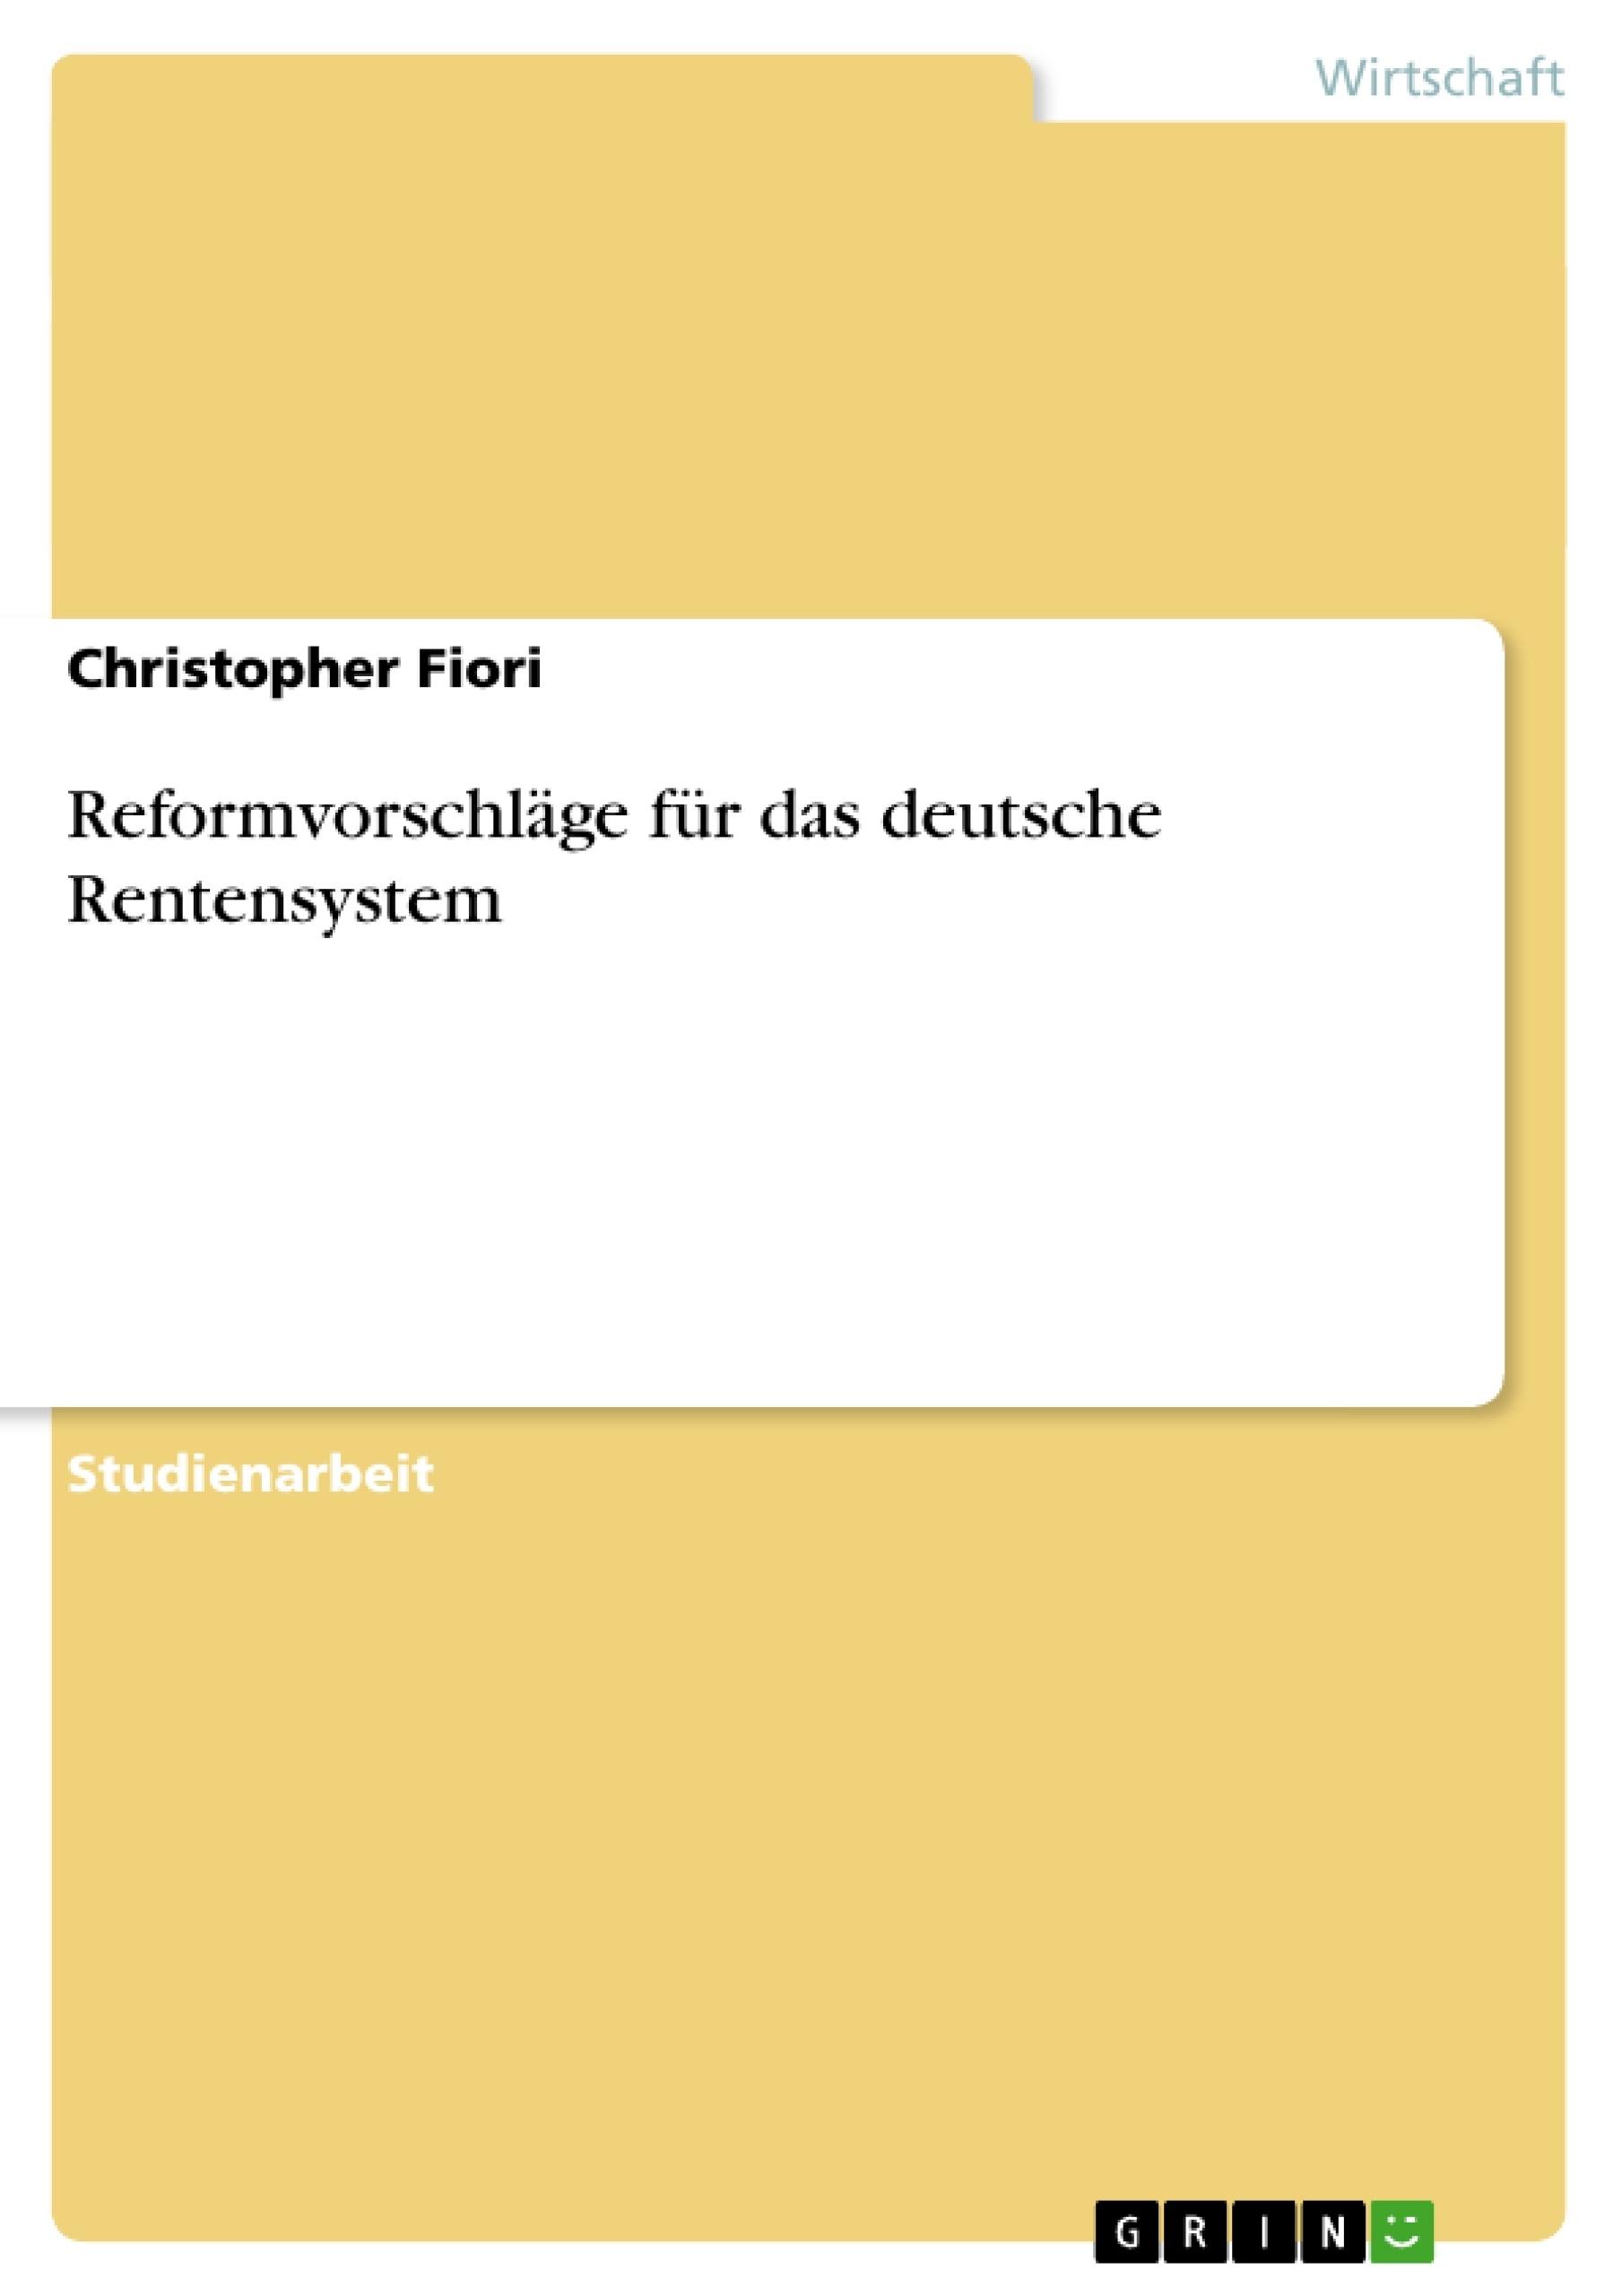 Titel: Reformvorschläge für das deutsche Rentensystem